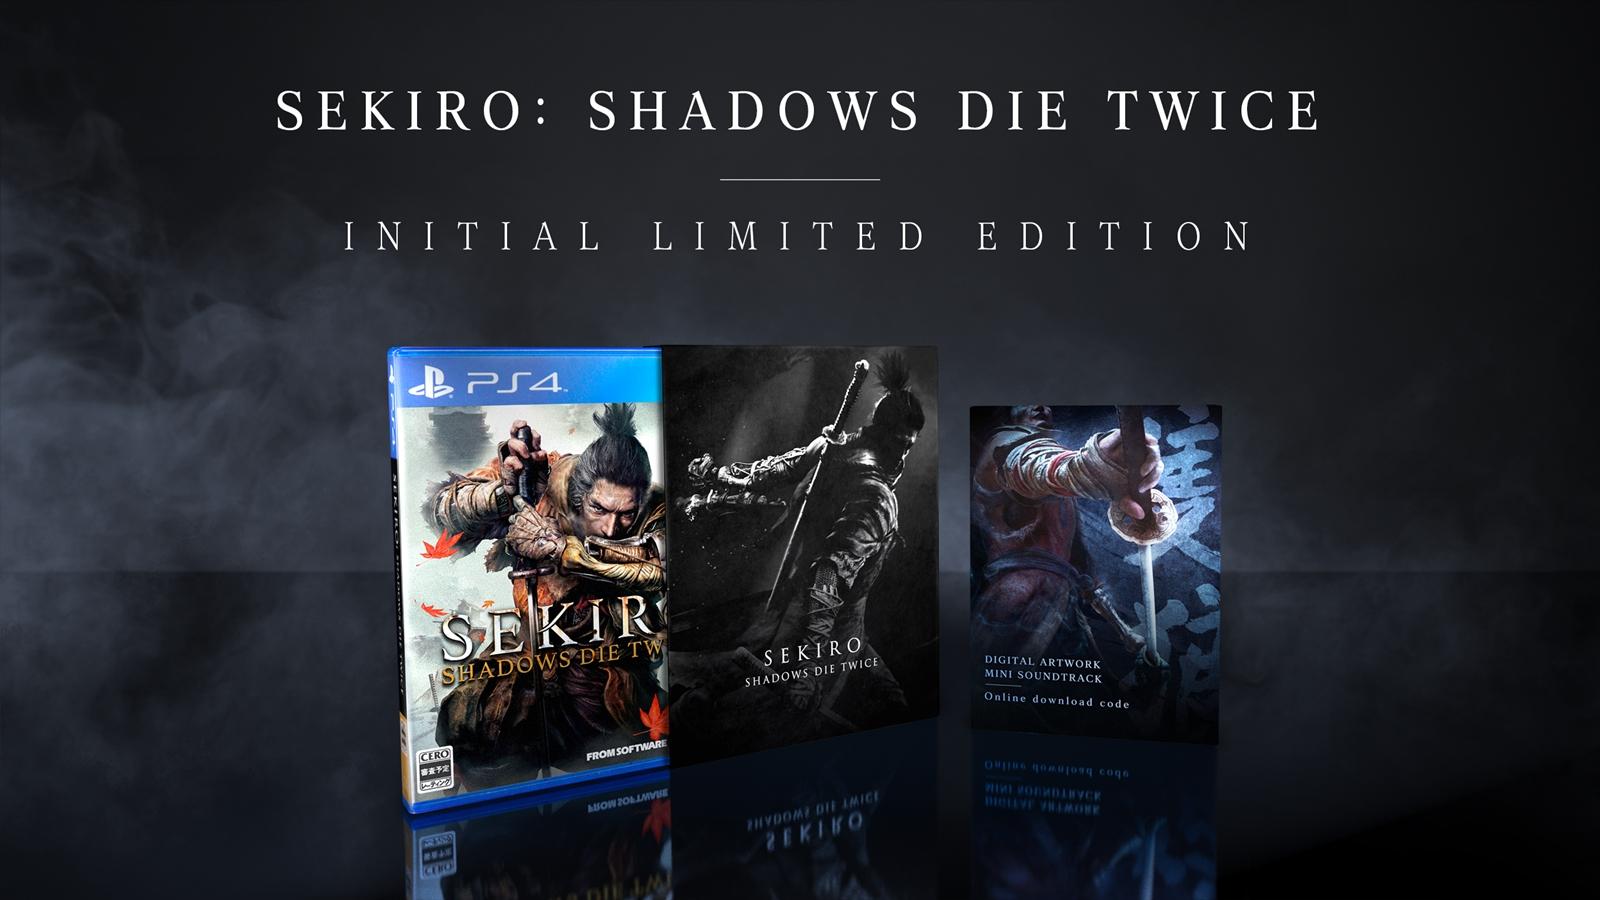 《只狼:影逝二度》预购特典和玩家收藏版内容公布